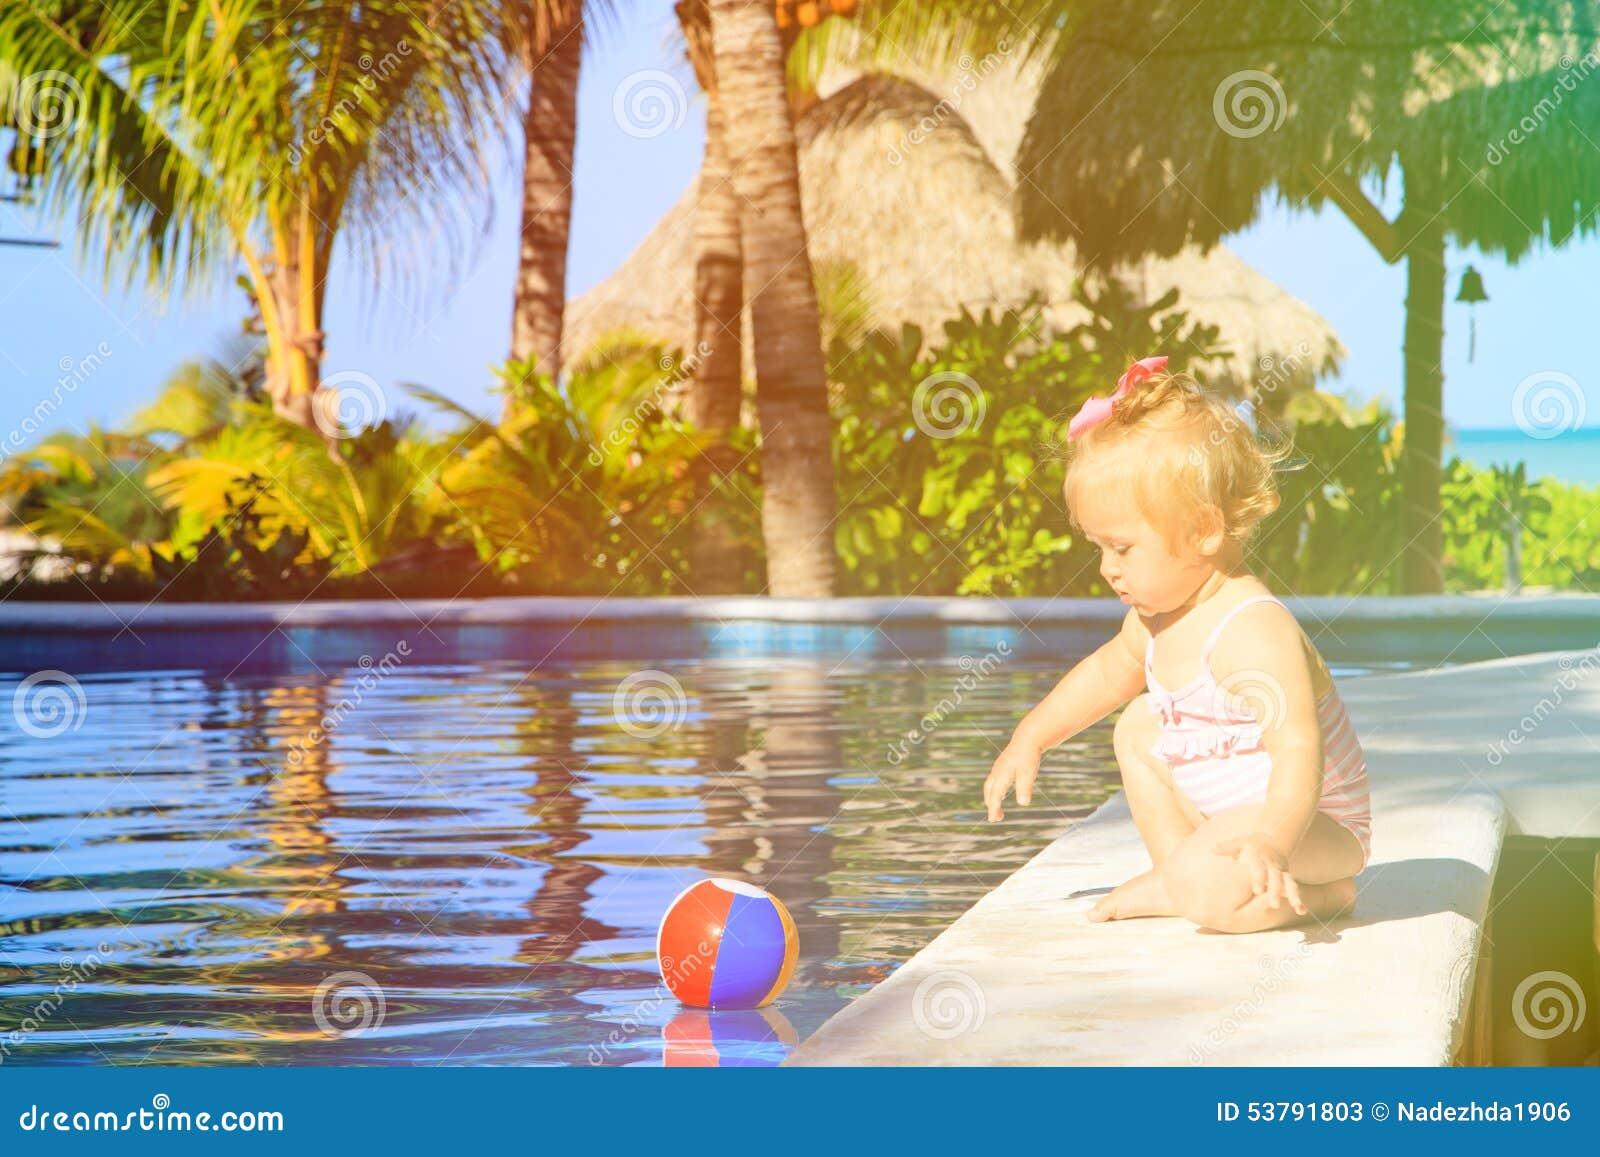 Śliczna berbeć dziewczyna bawić się z piłką w dopłynięciu